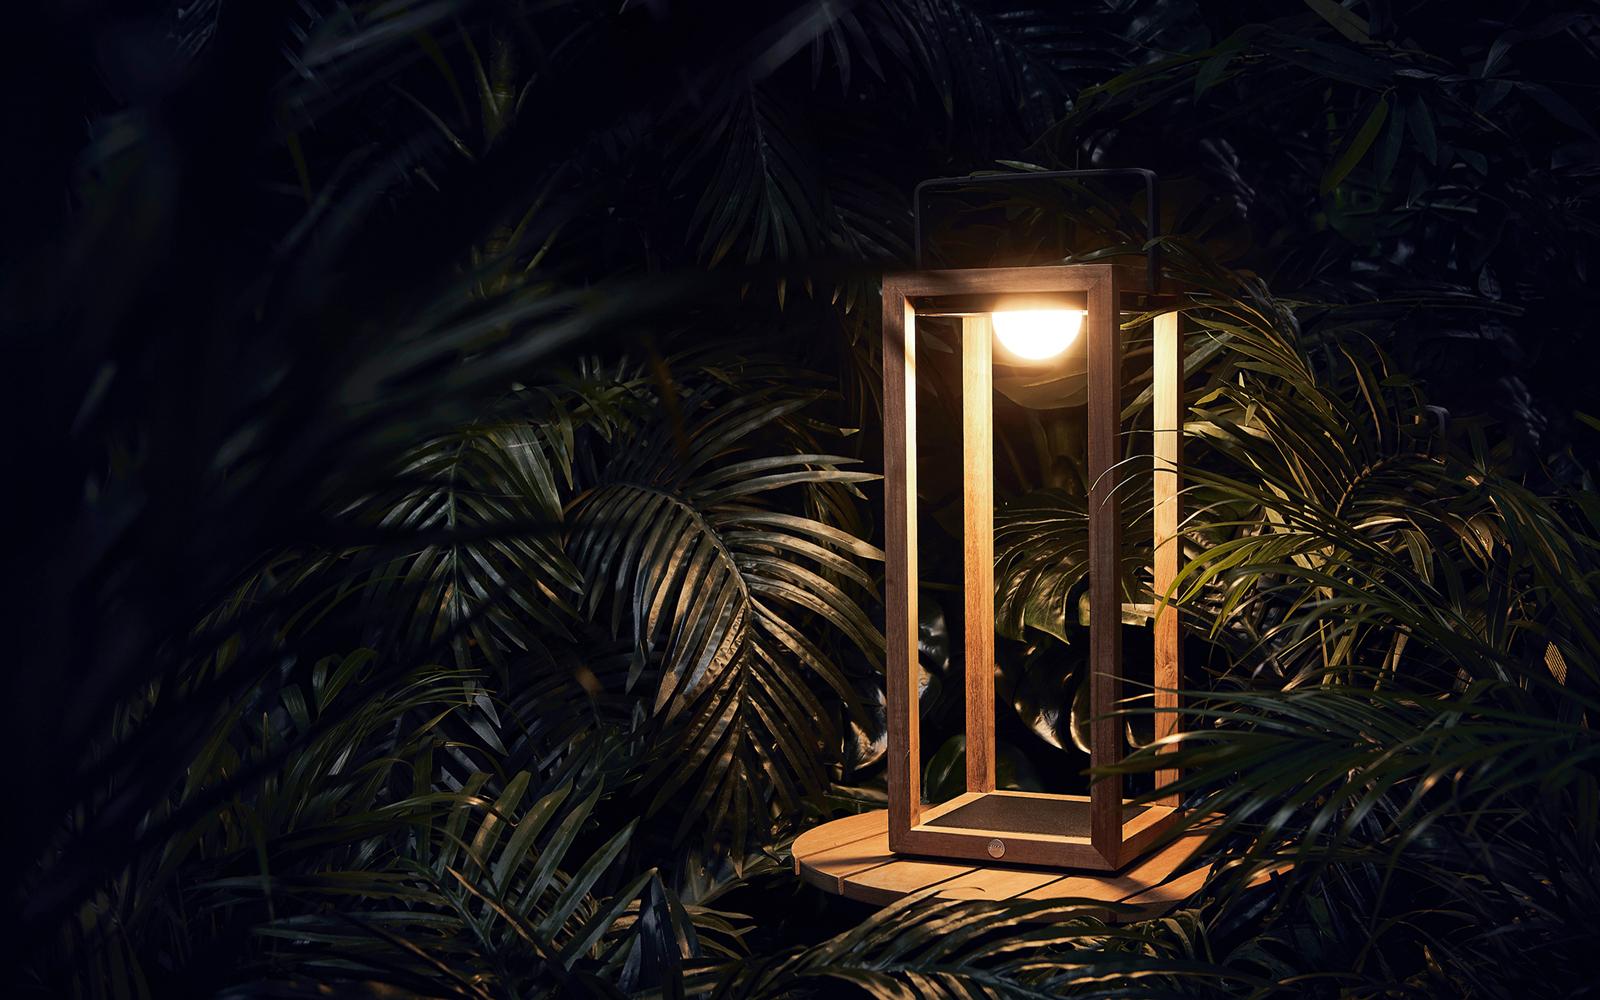 Suns tuinmeubelen, buitenlampen, tuinverlichting, hanglampen,